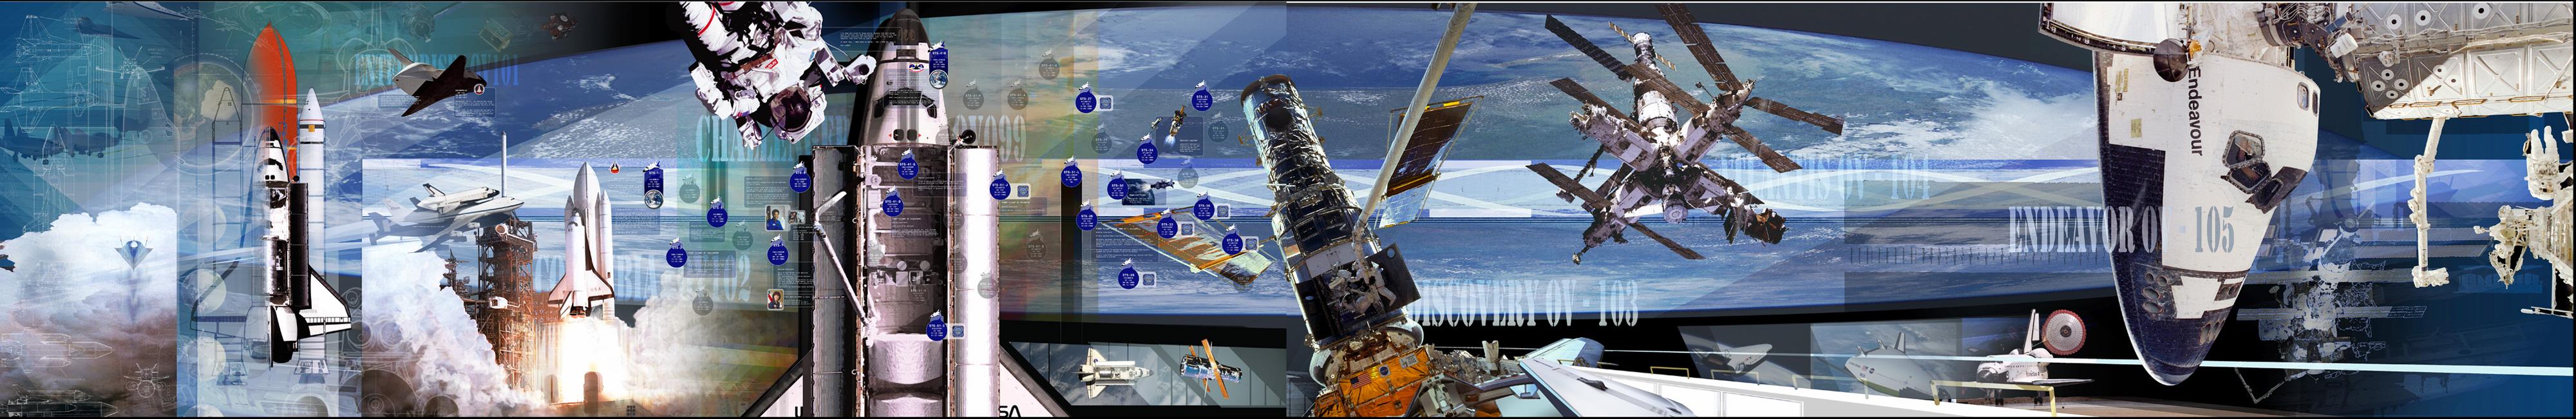 KSC History of the Shuttle Mural